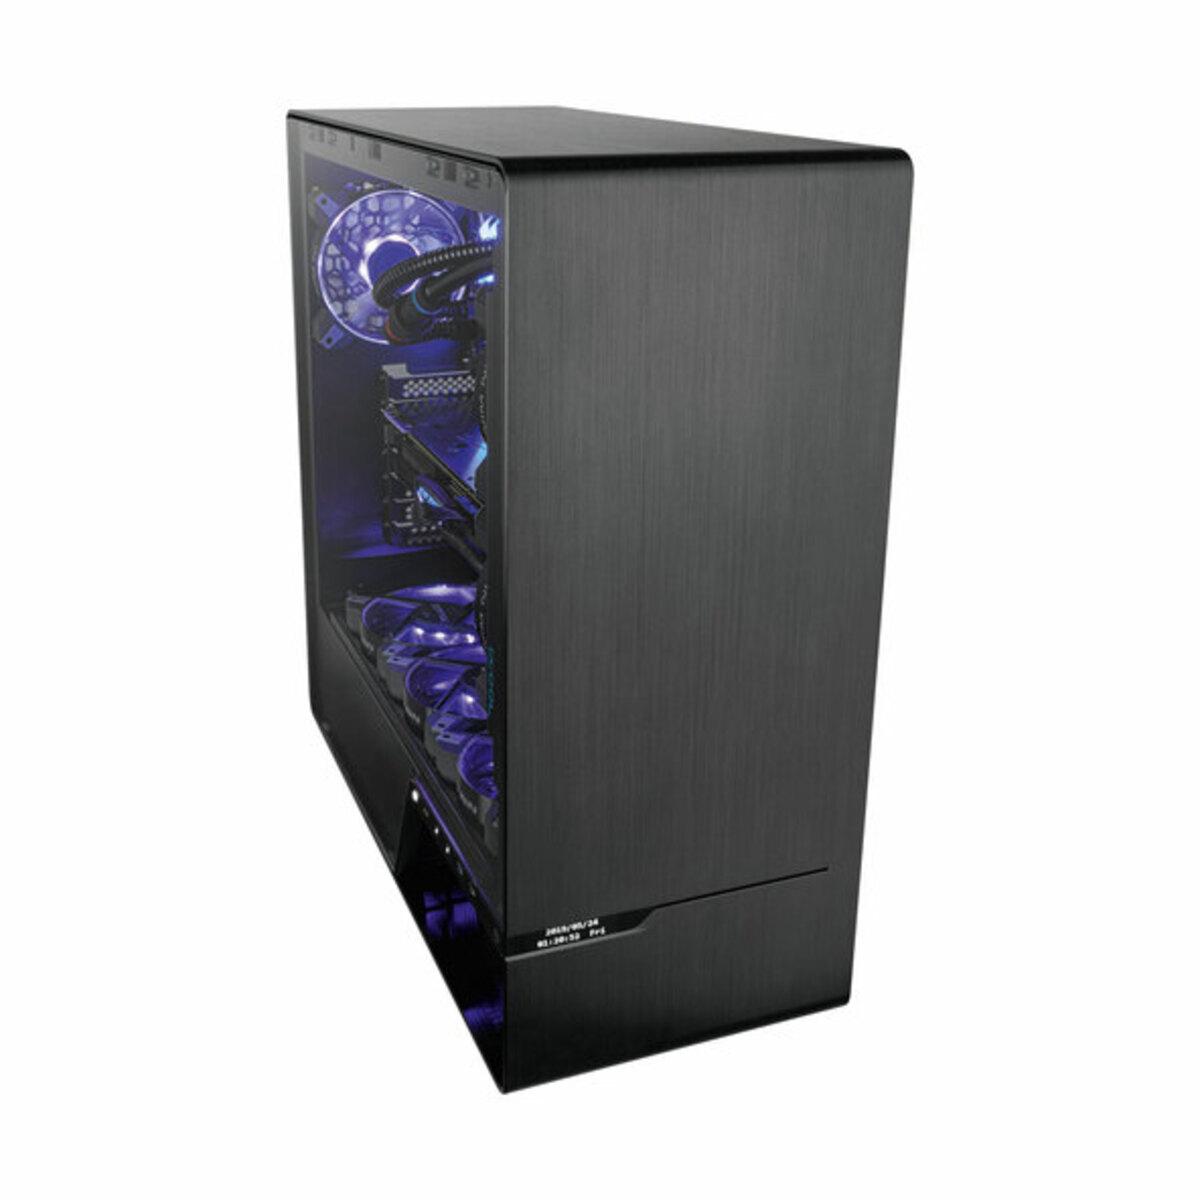 Bild 4 von High-End-Gaming-PC Enforcer X10 (MD34565)